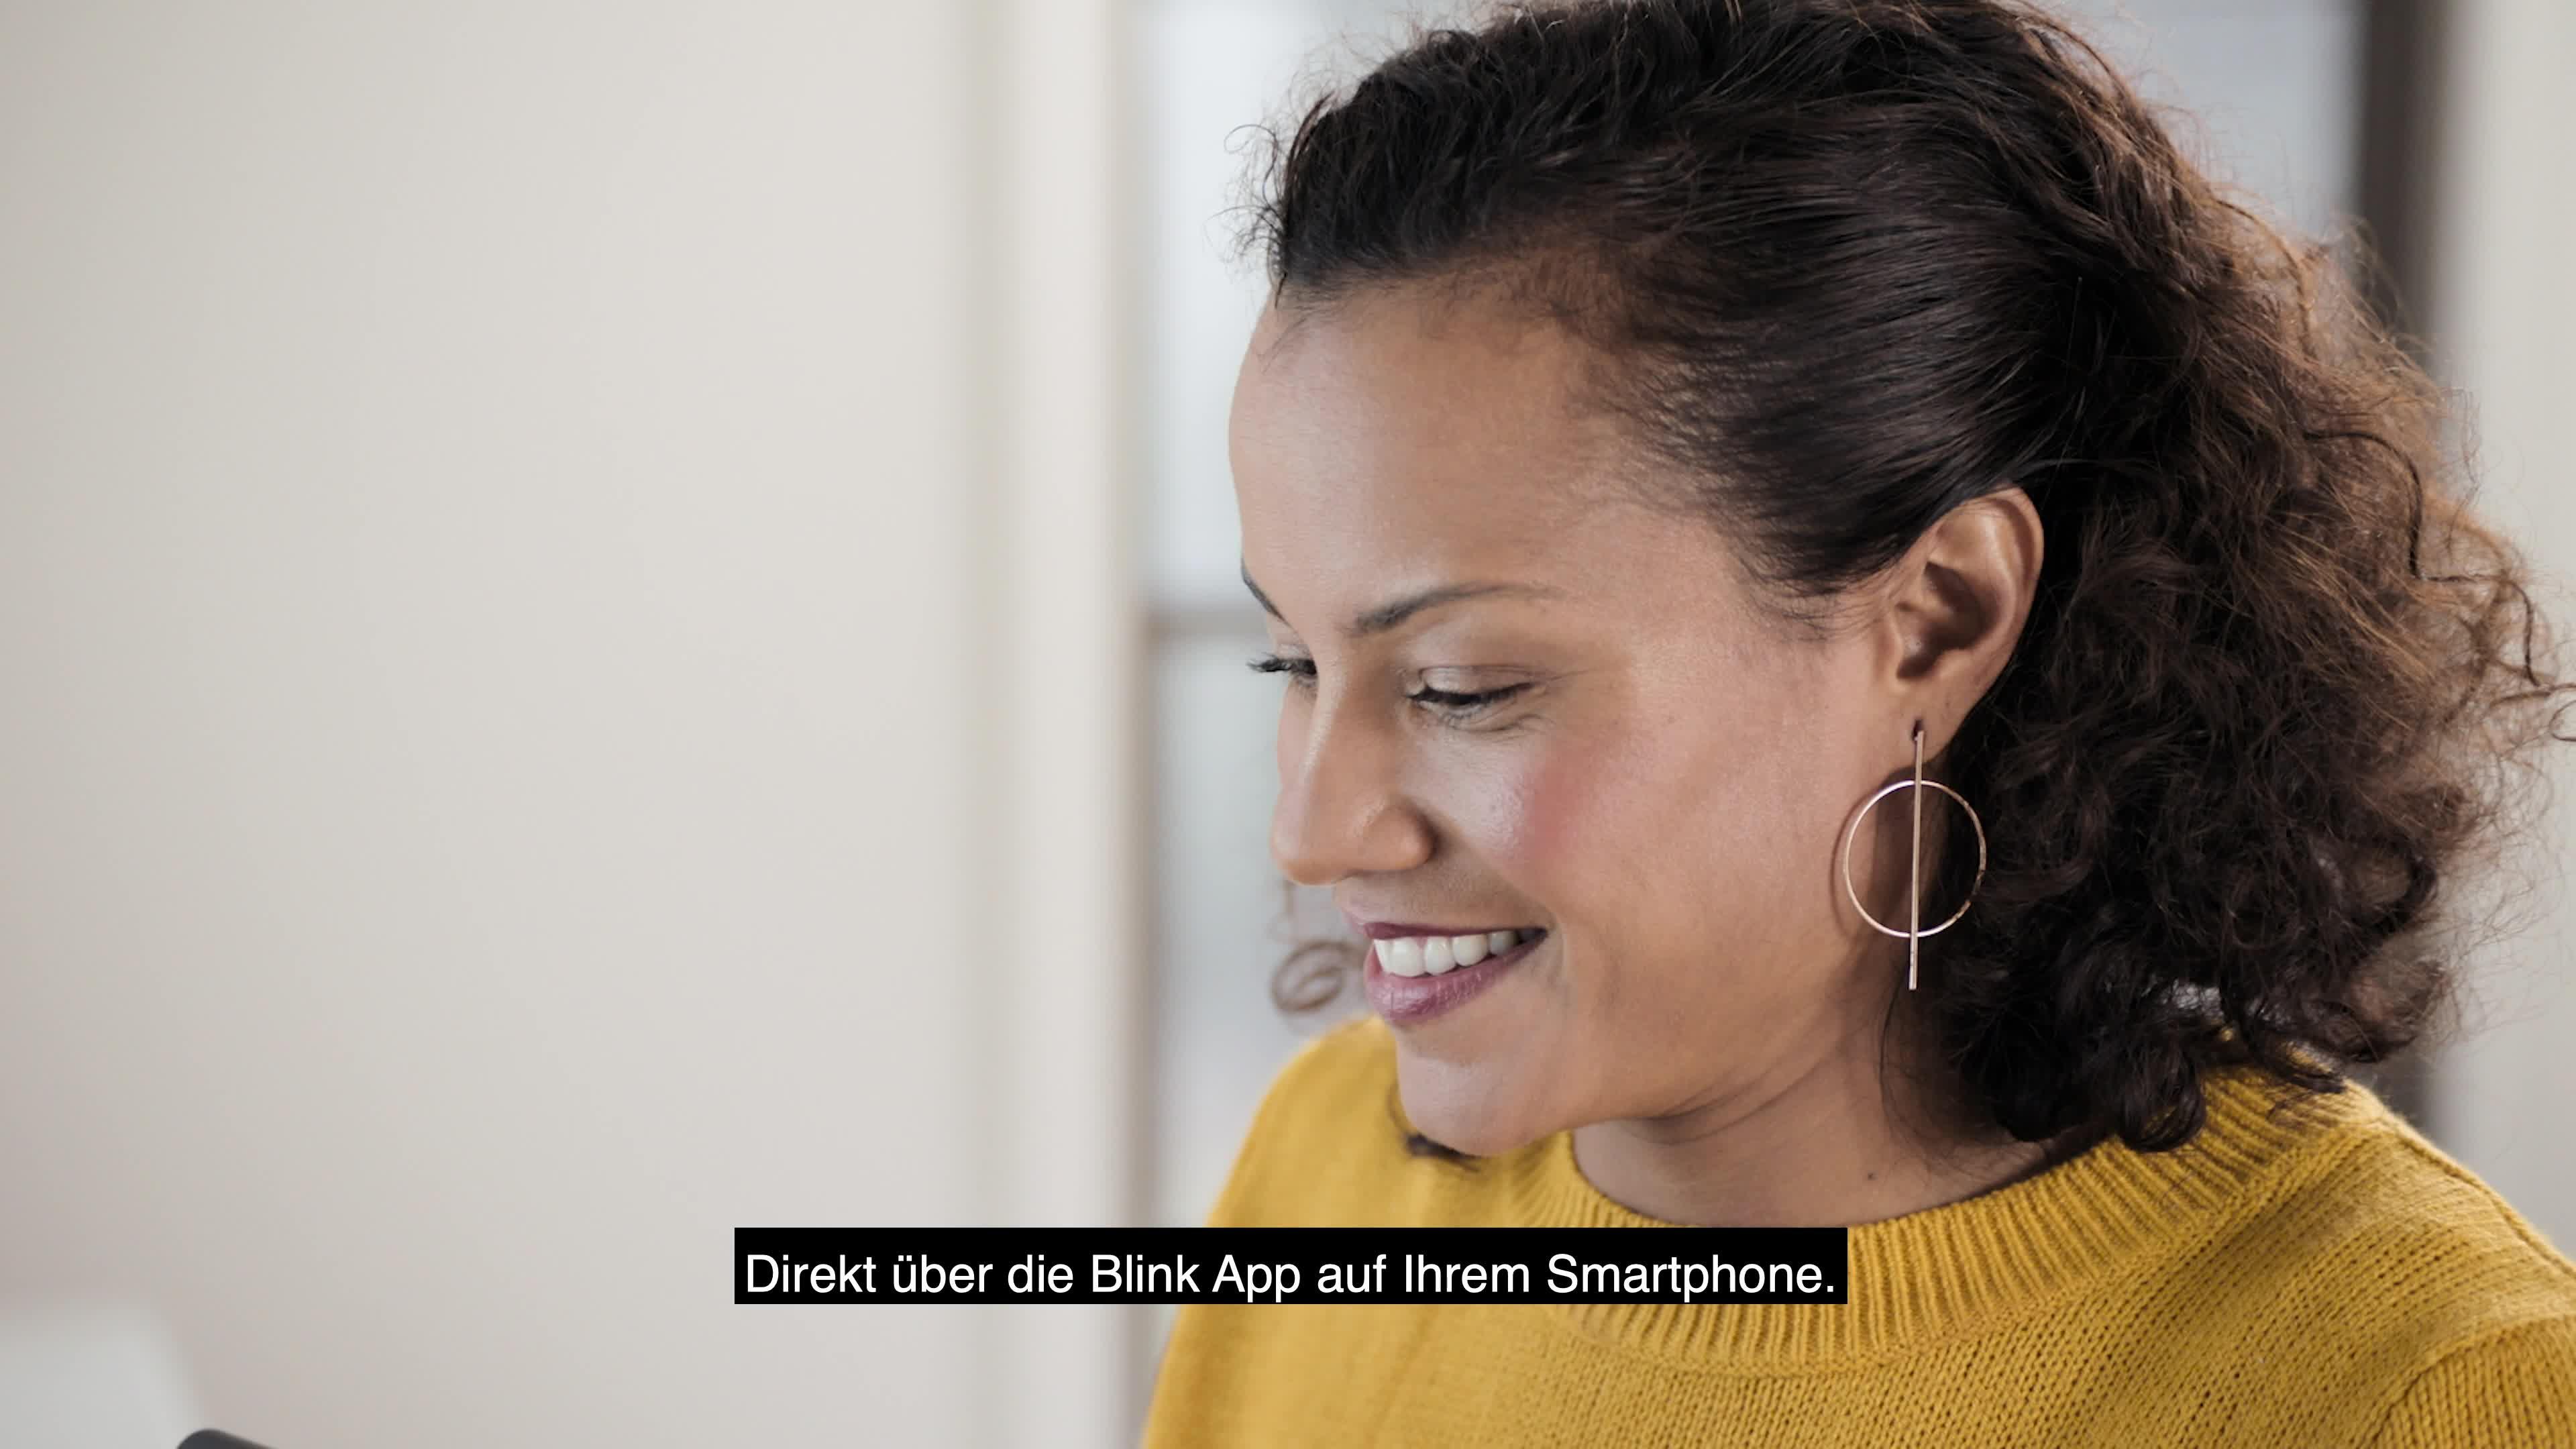 Blink Mini Eine Kompakte Intelligente Plug In Überwachungskamera Für Den Innenbereich Mit 1080p Hd Video Und Bewegungserfassung Die Mit Alexa Funktioniert 1 Kamera Alle Produkte